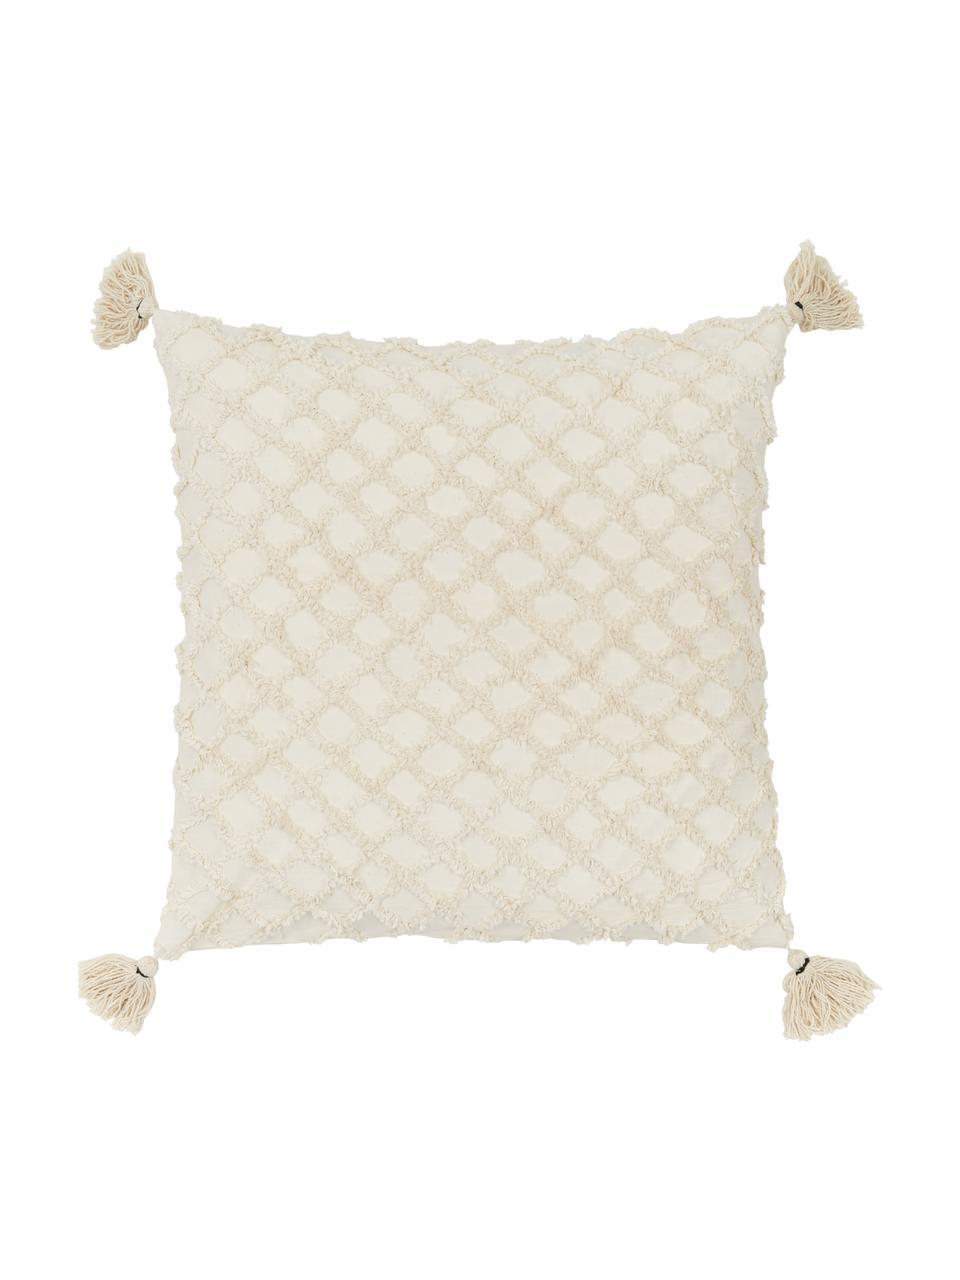 Kussenhoes Royal met hoog-laag structuur en kwastjes, Katoen, Gebroken wit, 45 x 45 cm